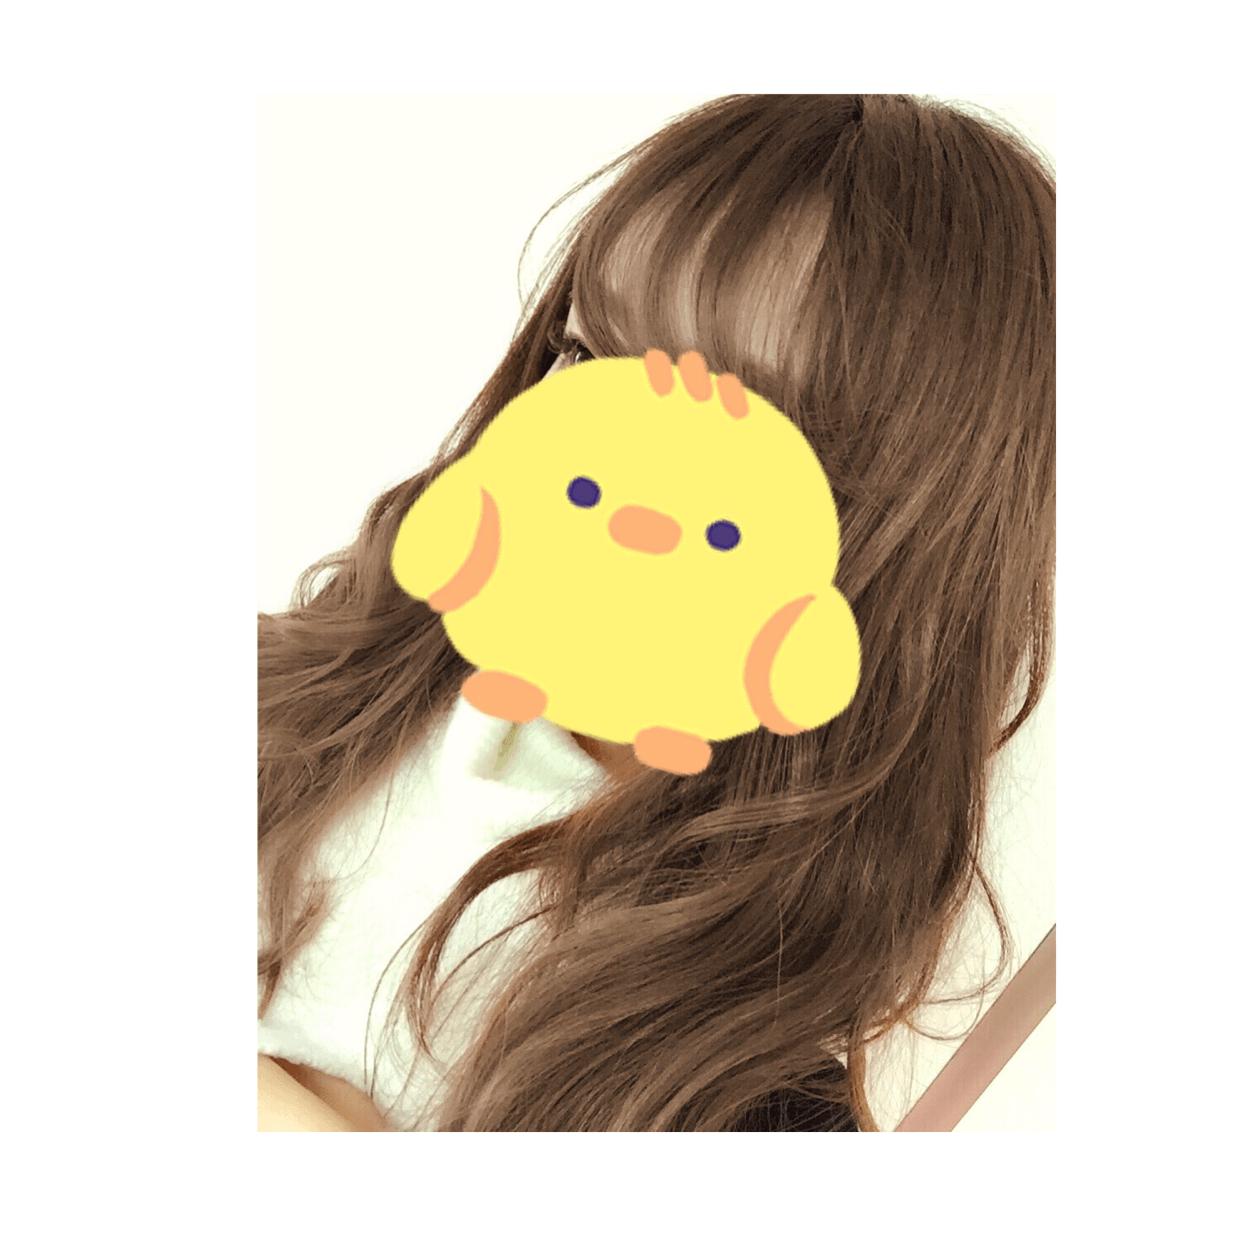 「あしたは☆☆」06/03(06/03) 03:11 | るみなの写メ・風俗動画